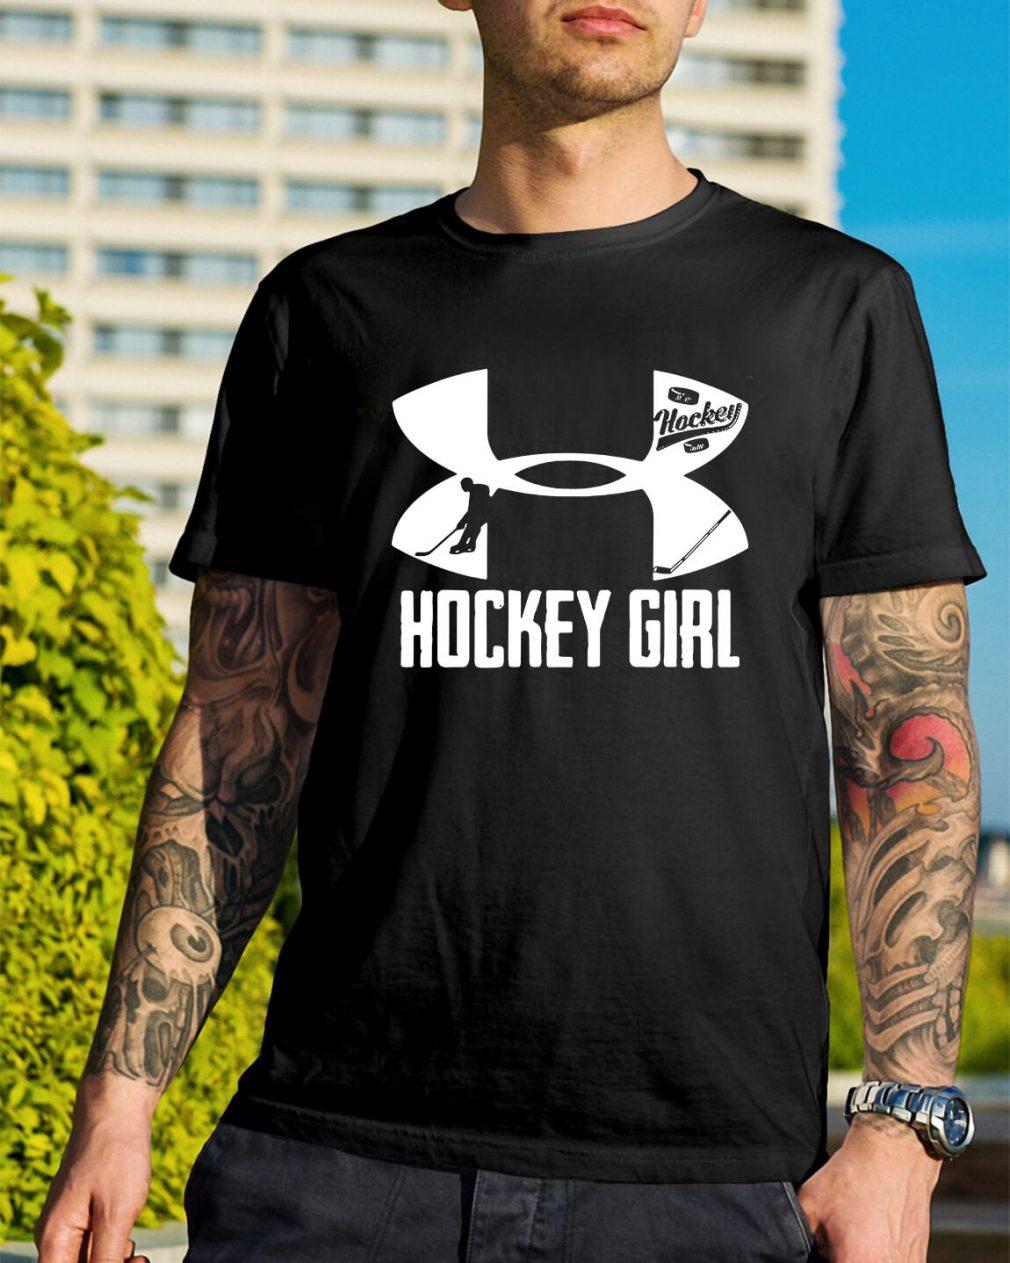 Under Armour hockey girl shirt